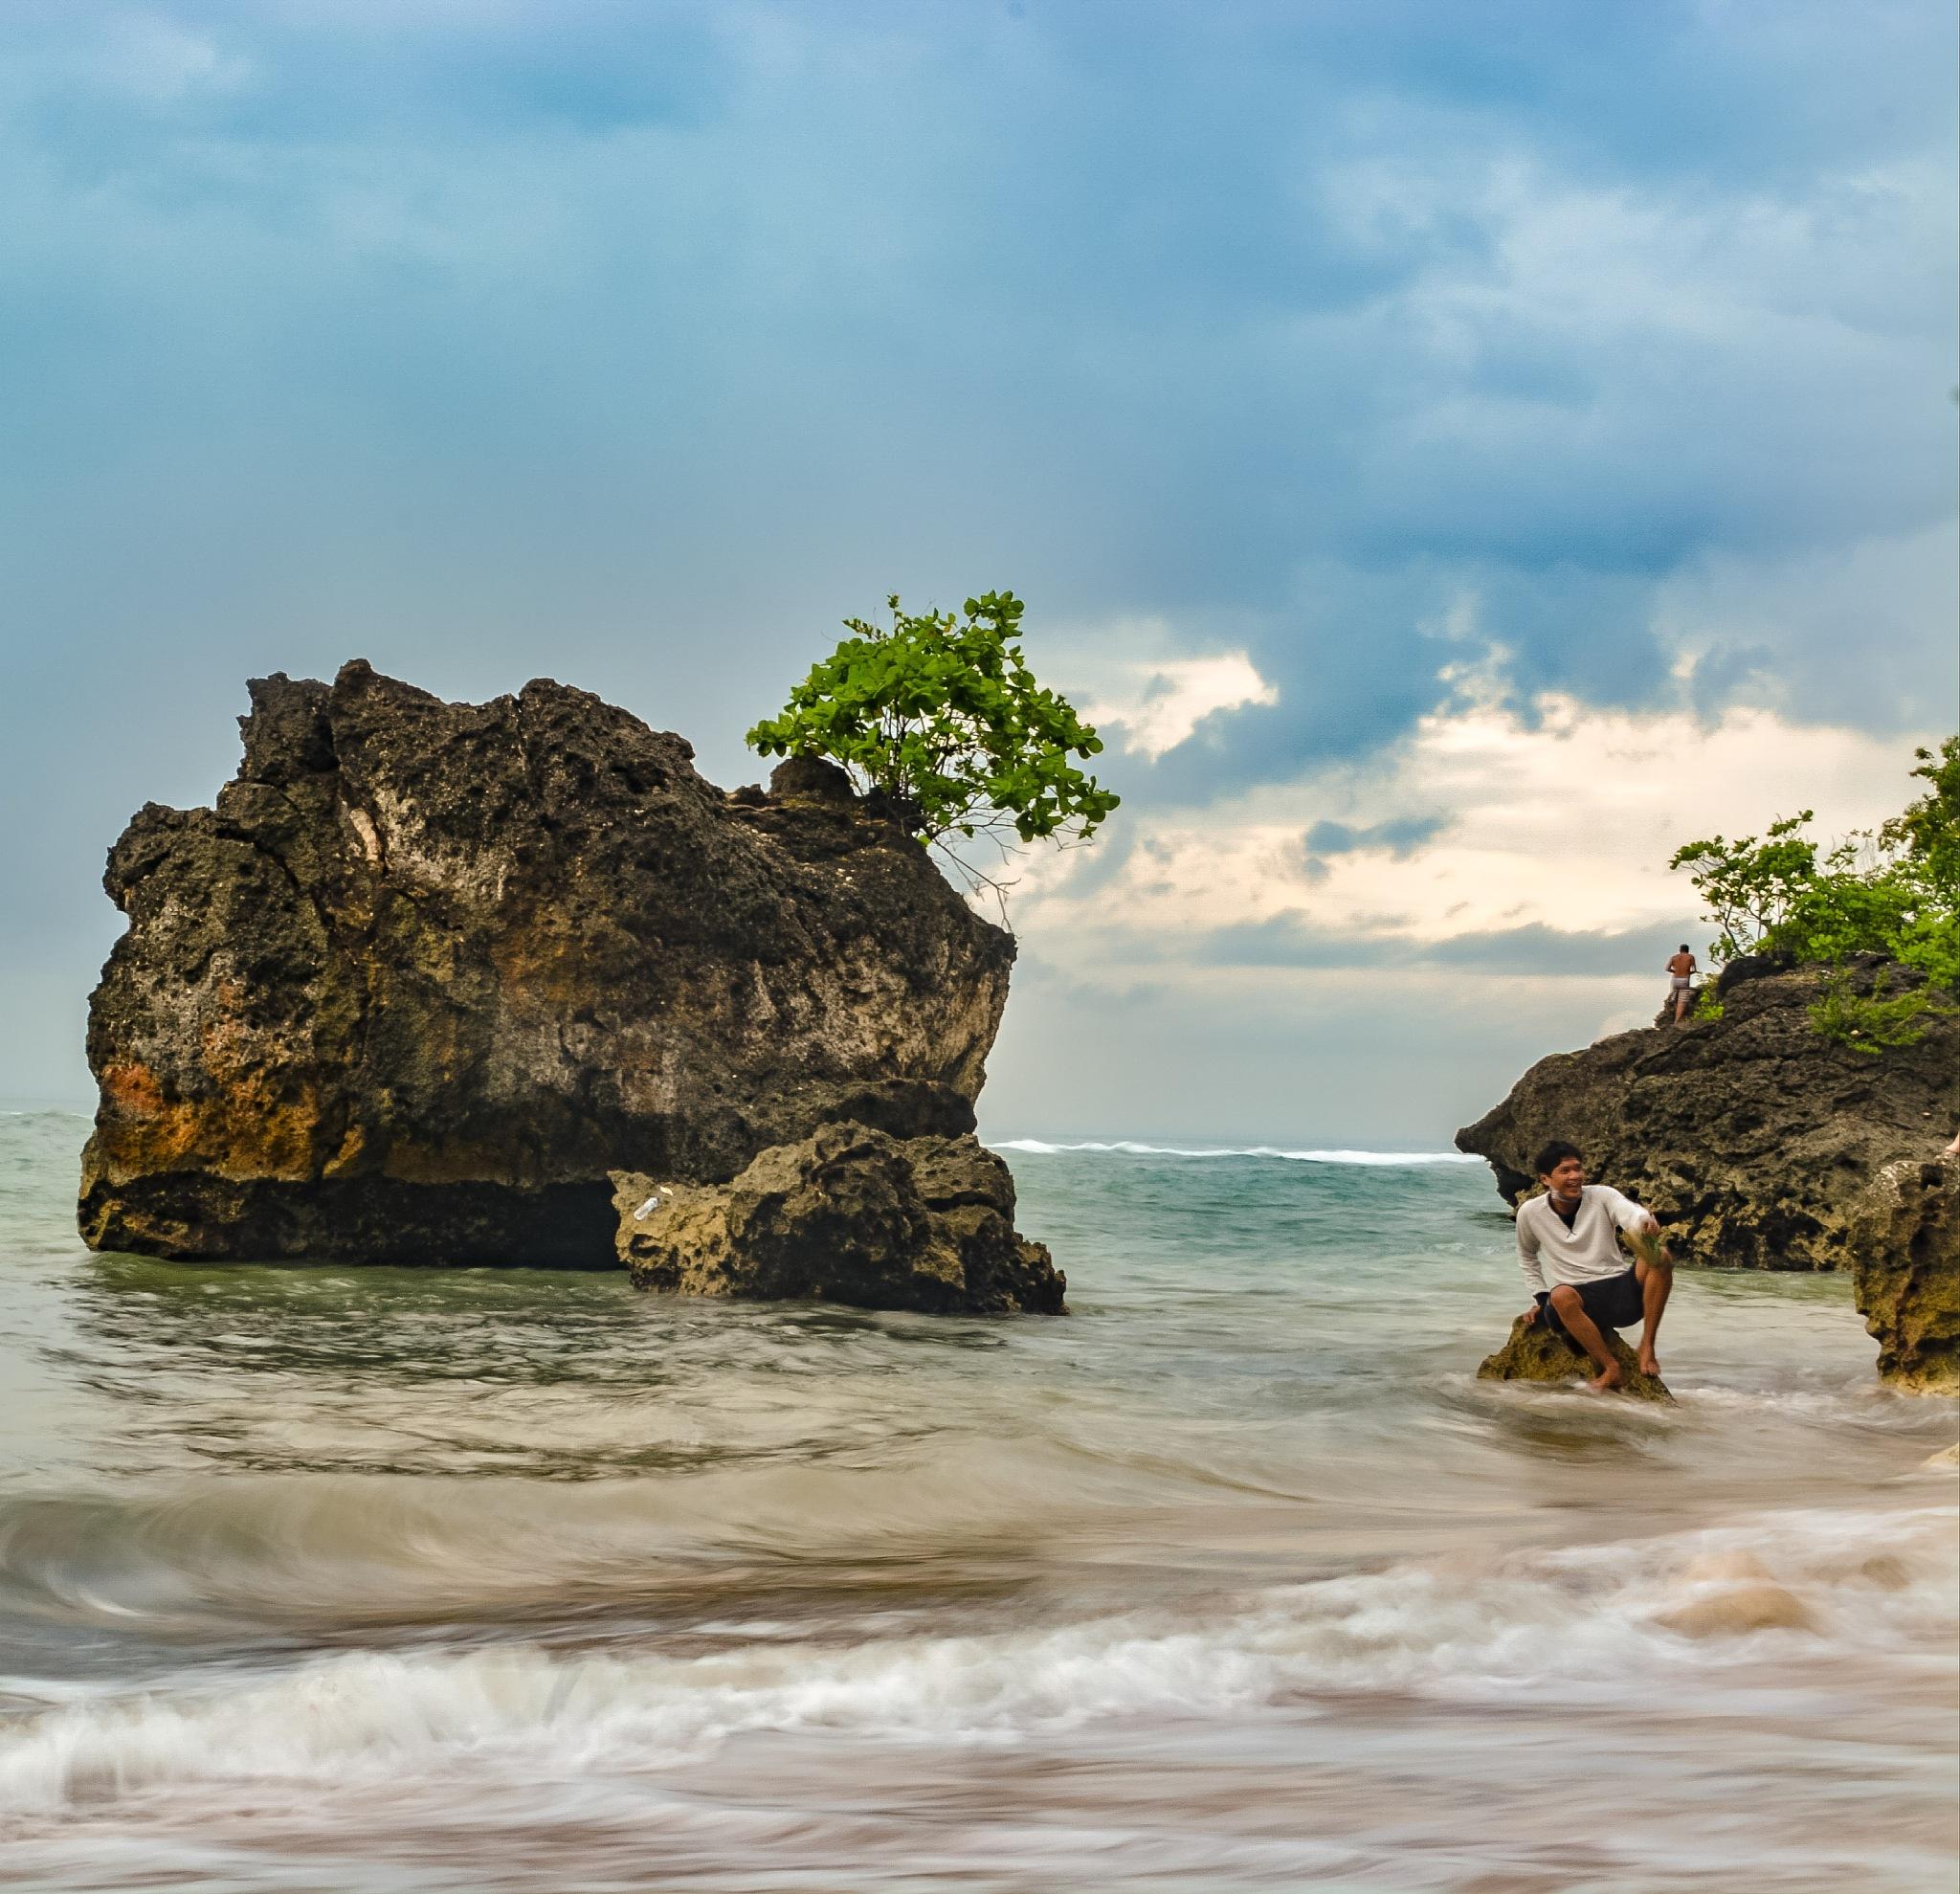 Padang Padang Beach, Bali by Mahyudin Djunaidi